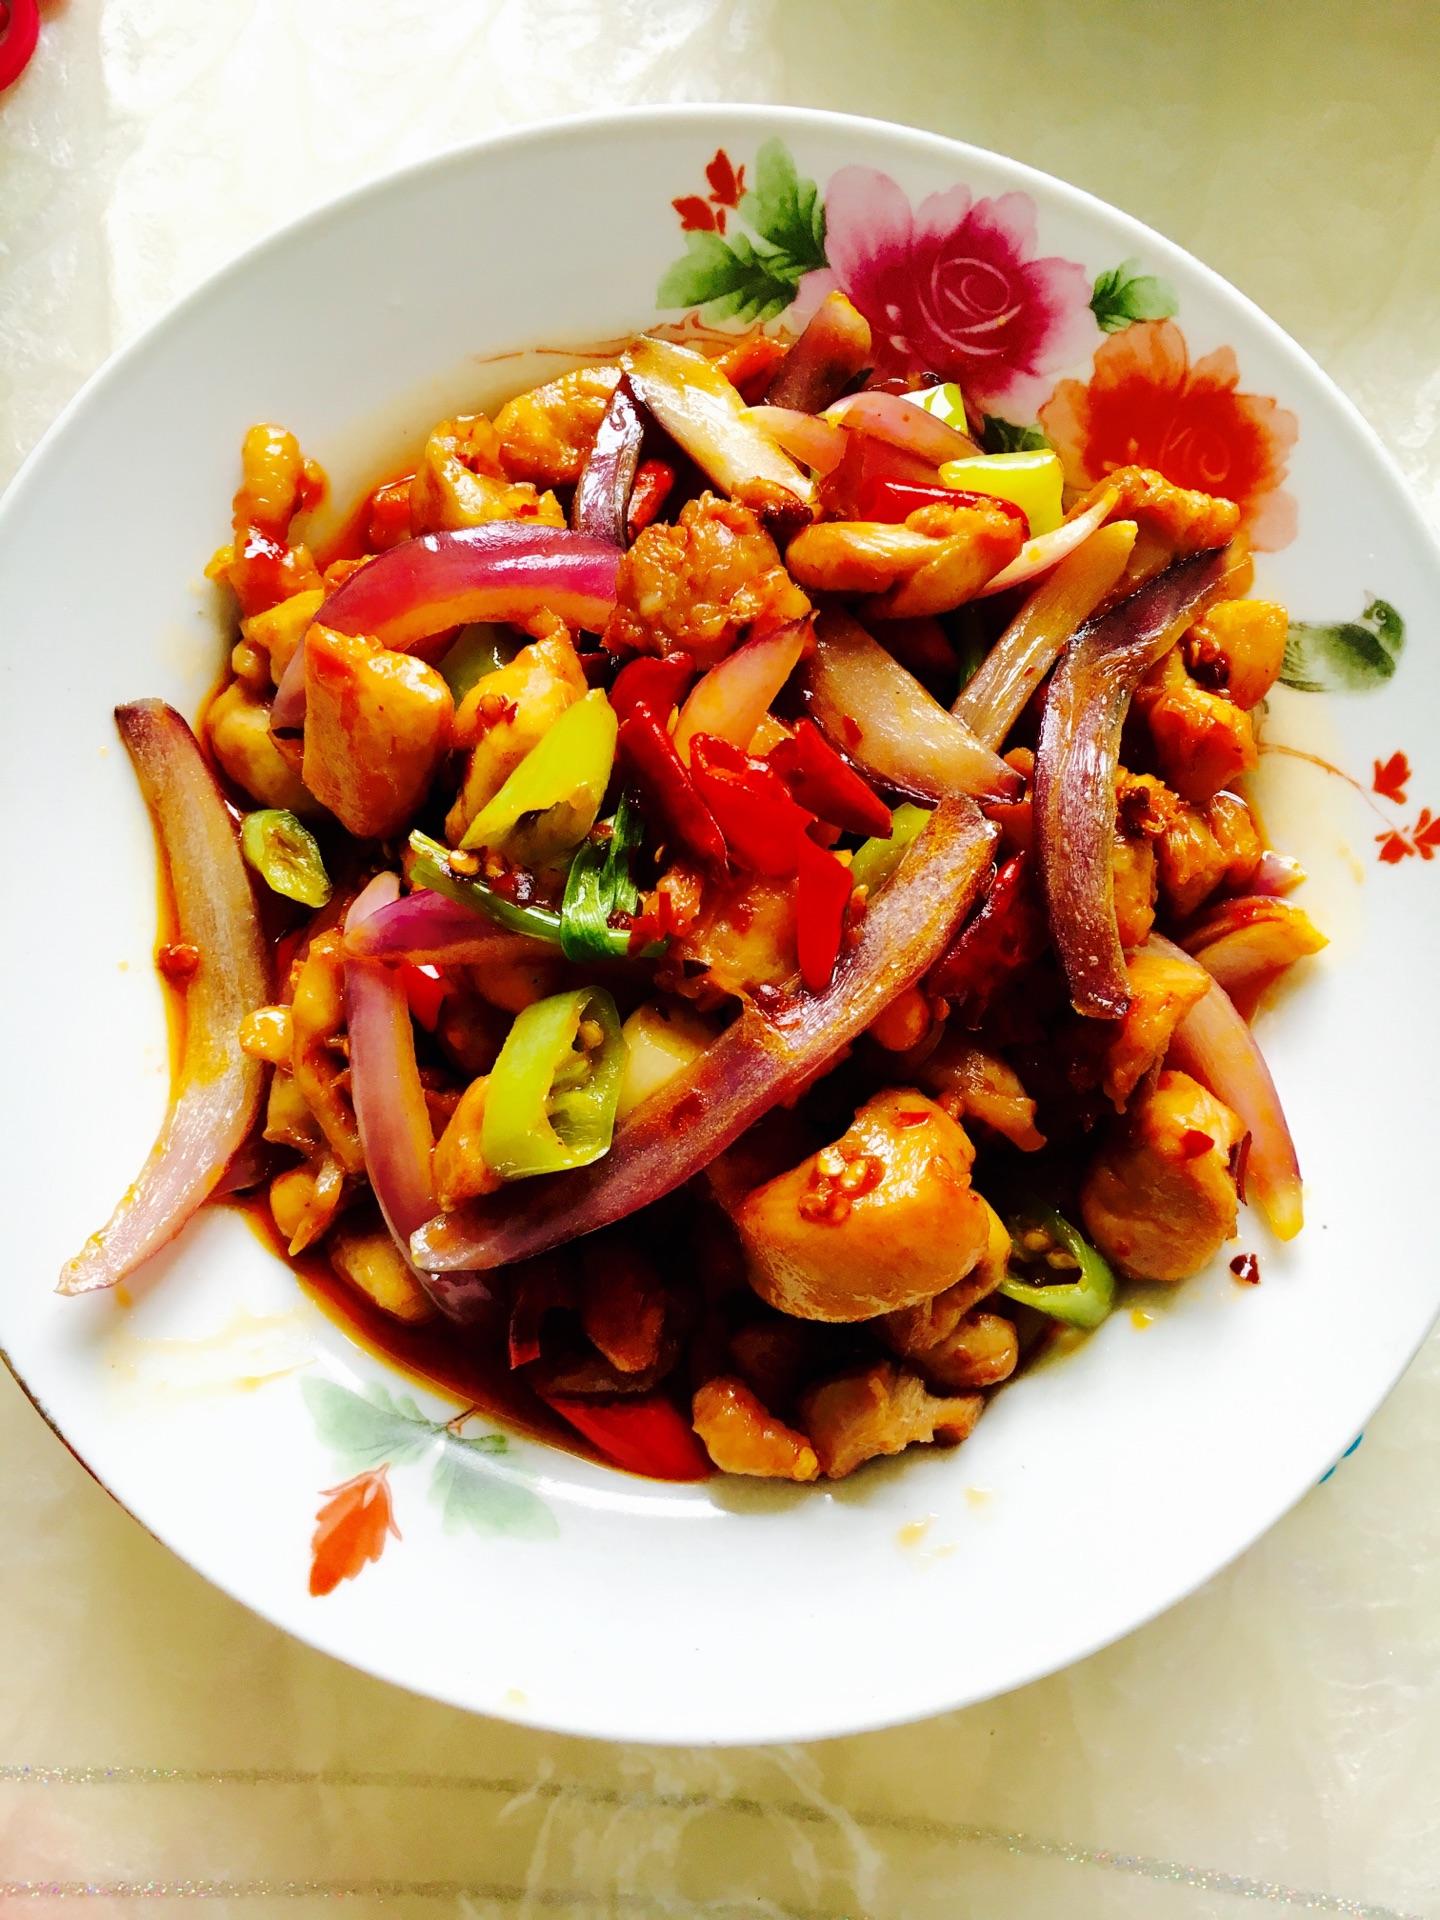 放入青红椒绿豆丝(有干锅的铺底放,放入锅底不用)葱新鲜盐适量洋葱图片